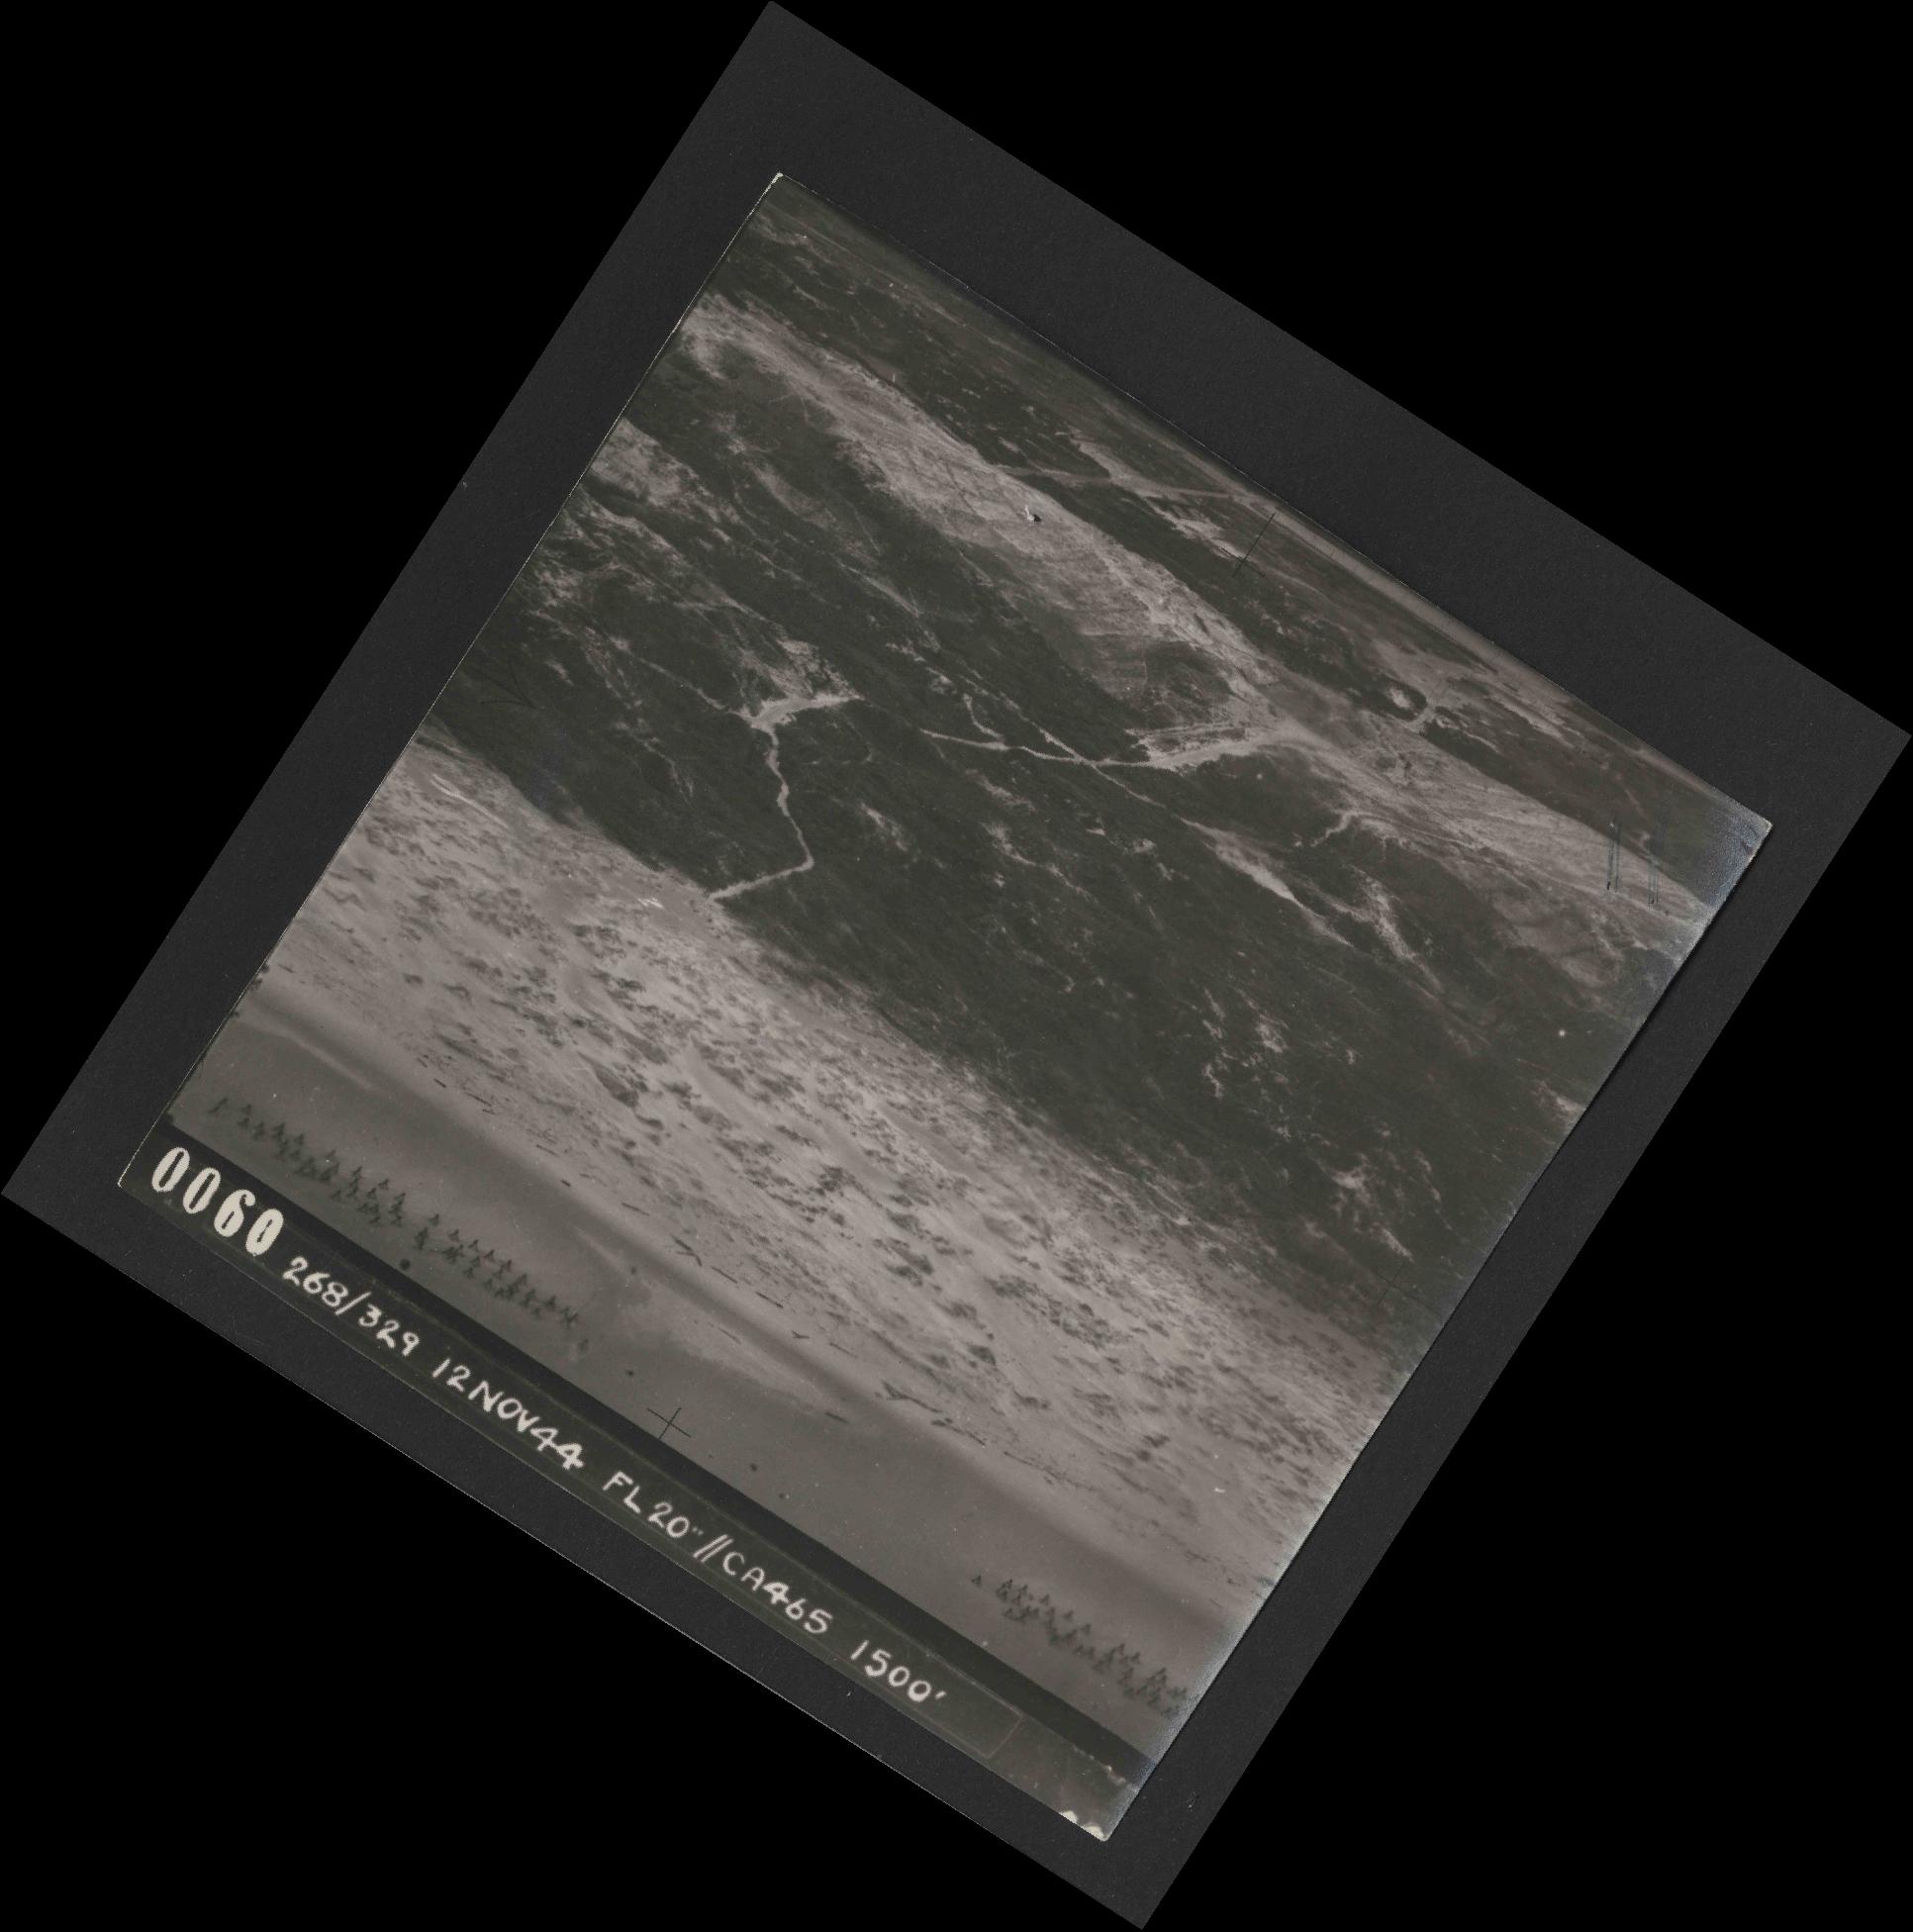 Collection RAF aerial photos 1940-1945 - flight 553, run 01, photo 0060